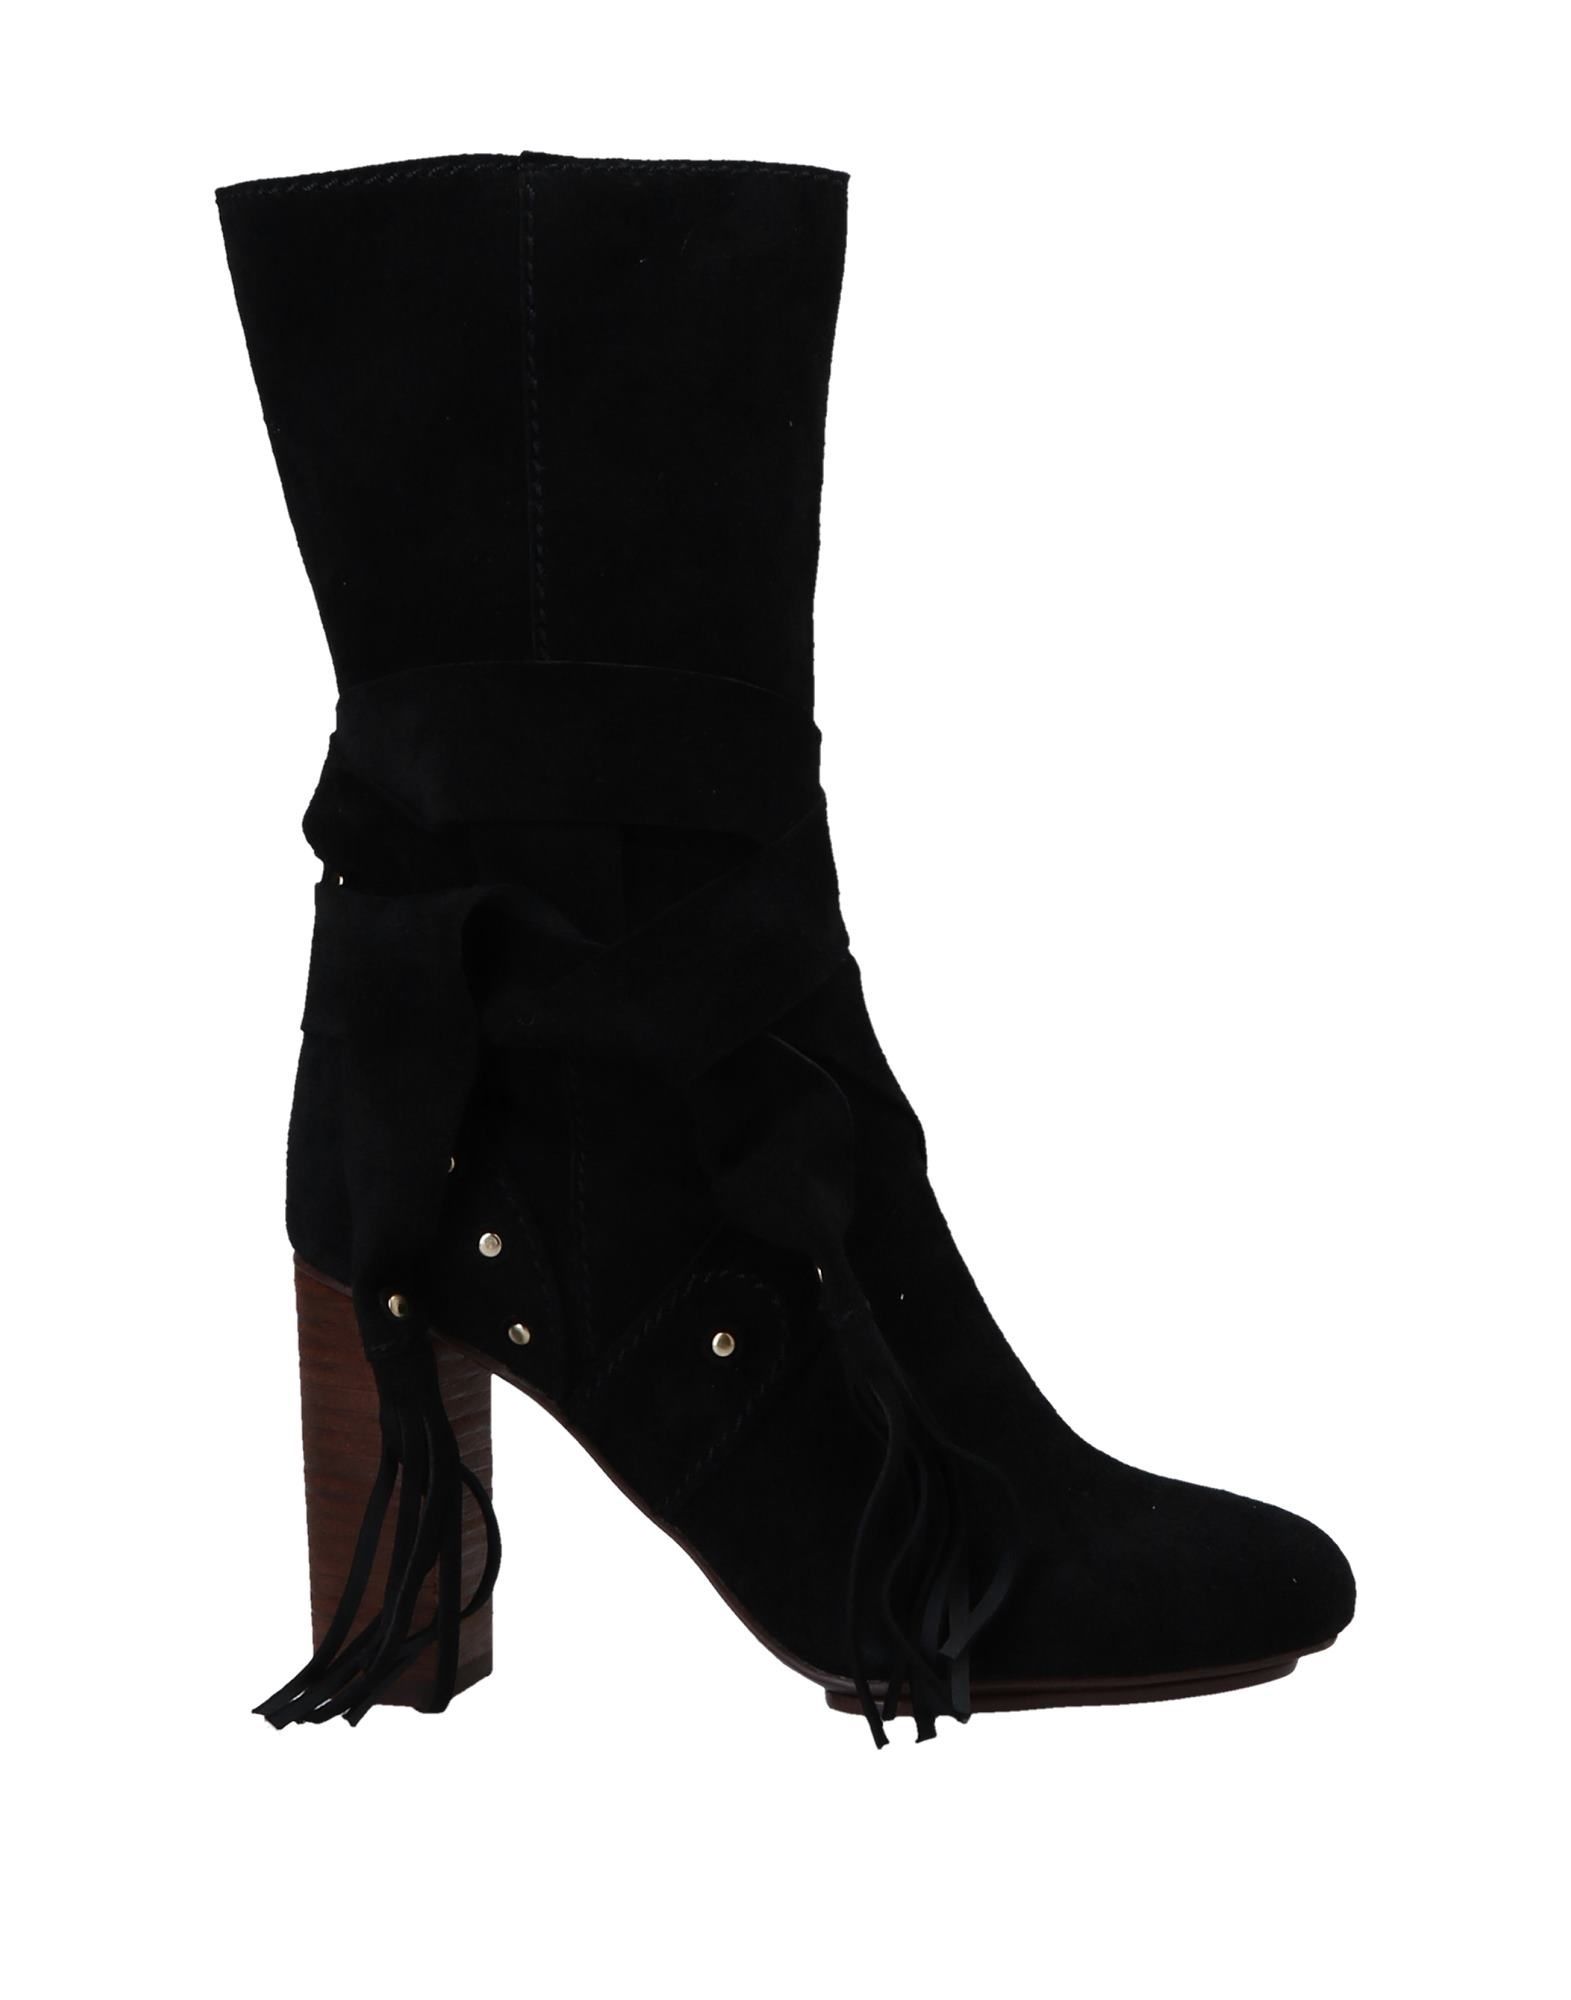 Rabatt Schuhe See By Chloé Stiefelette Damen  11548913RH